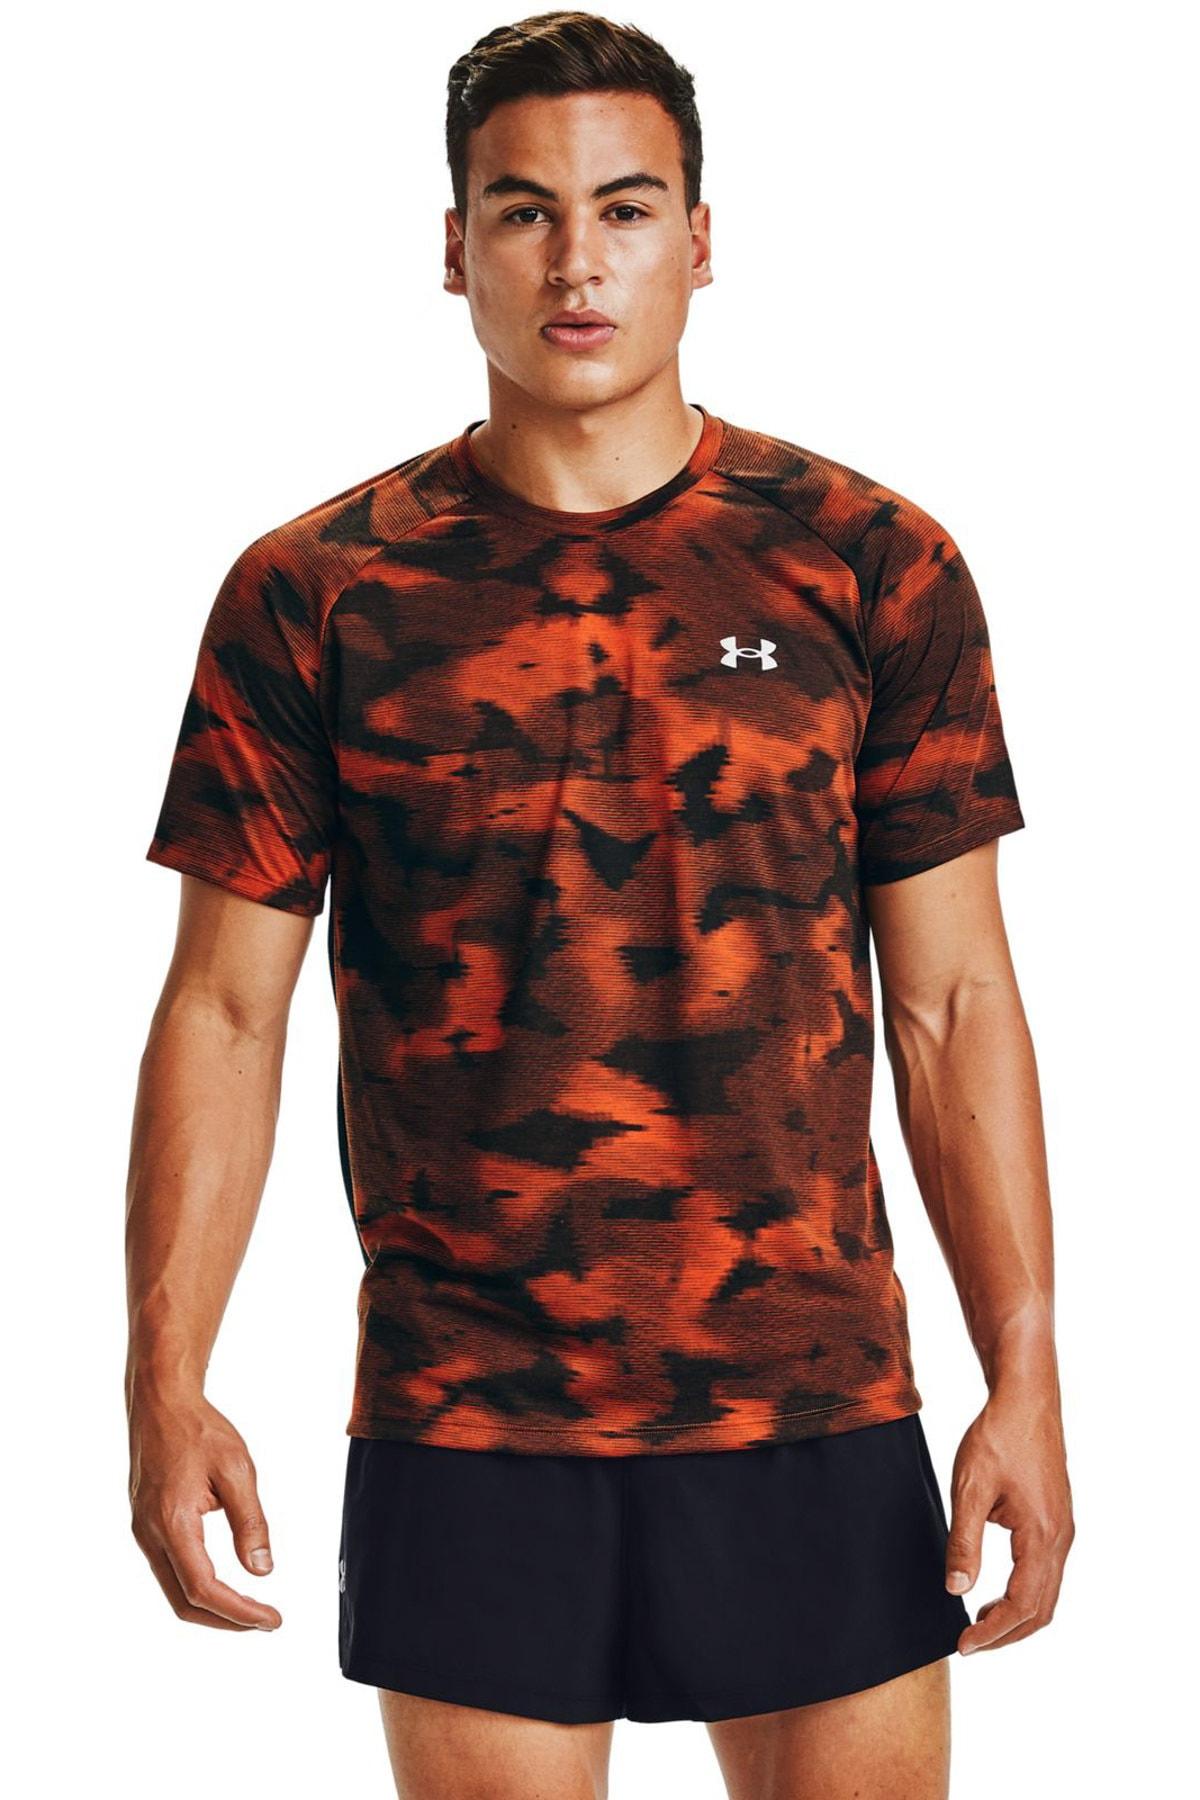 Under Armour Erkek Spor T-Shirt - M Streaker 2.0 Inverse Ss - 1356176-830 1